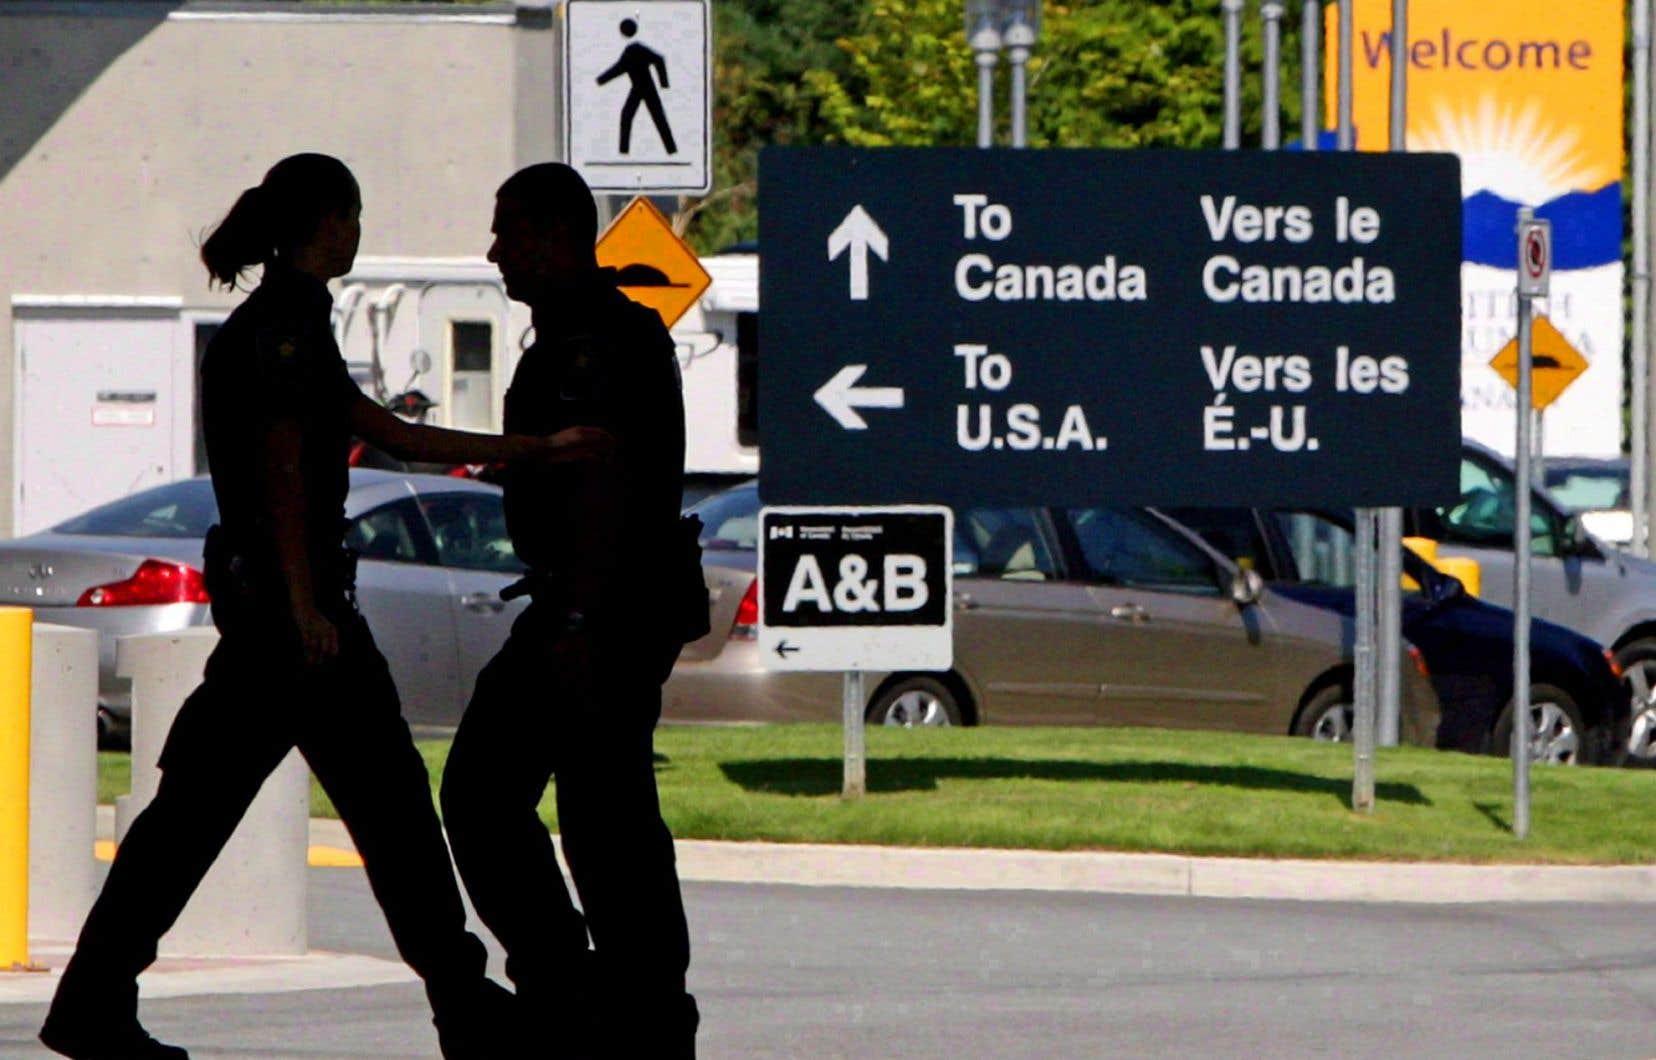 À terme, on compte étendre ces mesures aux autres modes de transport de passagers et de marchandises qui traversent les frontières canado-américaines.